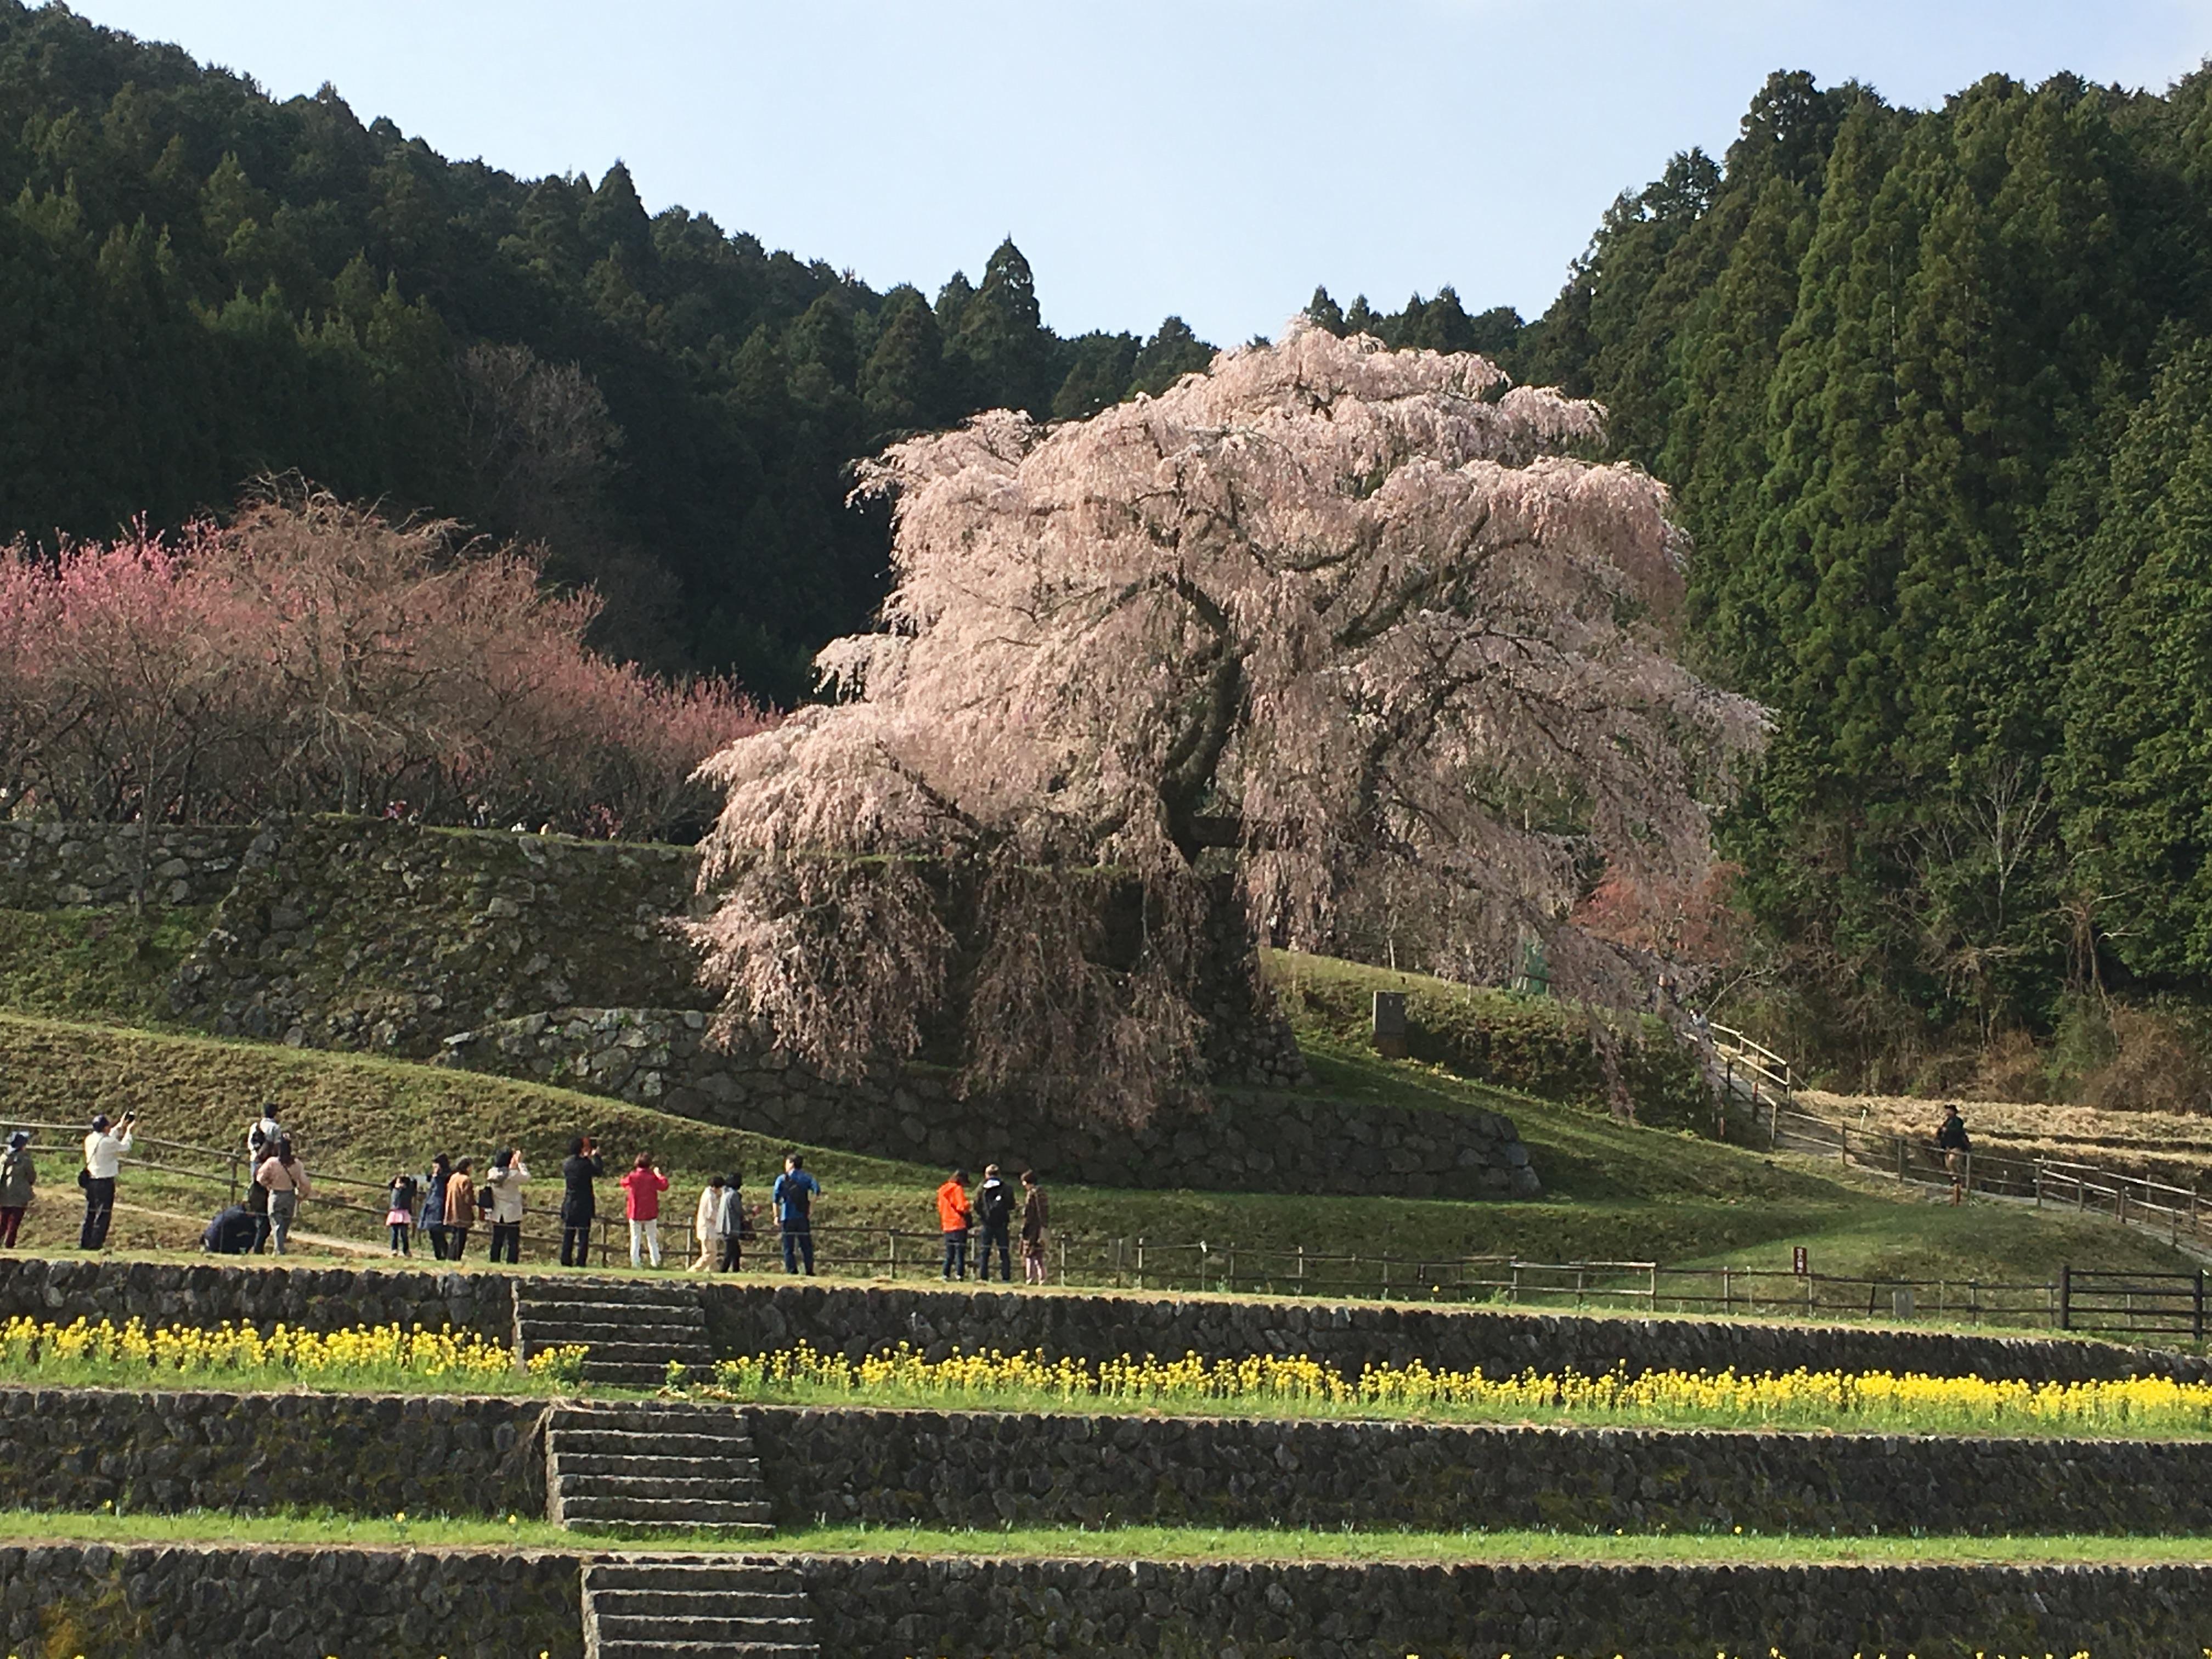 奈良の一本桜「又兵衛桜」の里の近くで買えるおすすめのスイーツ4選